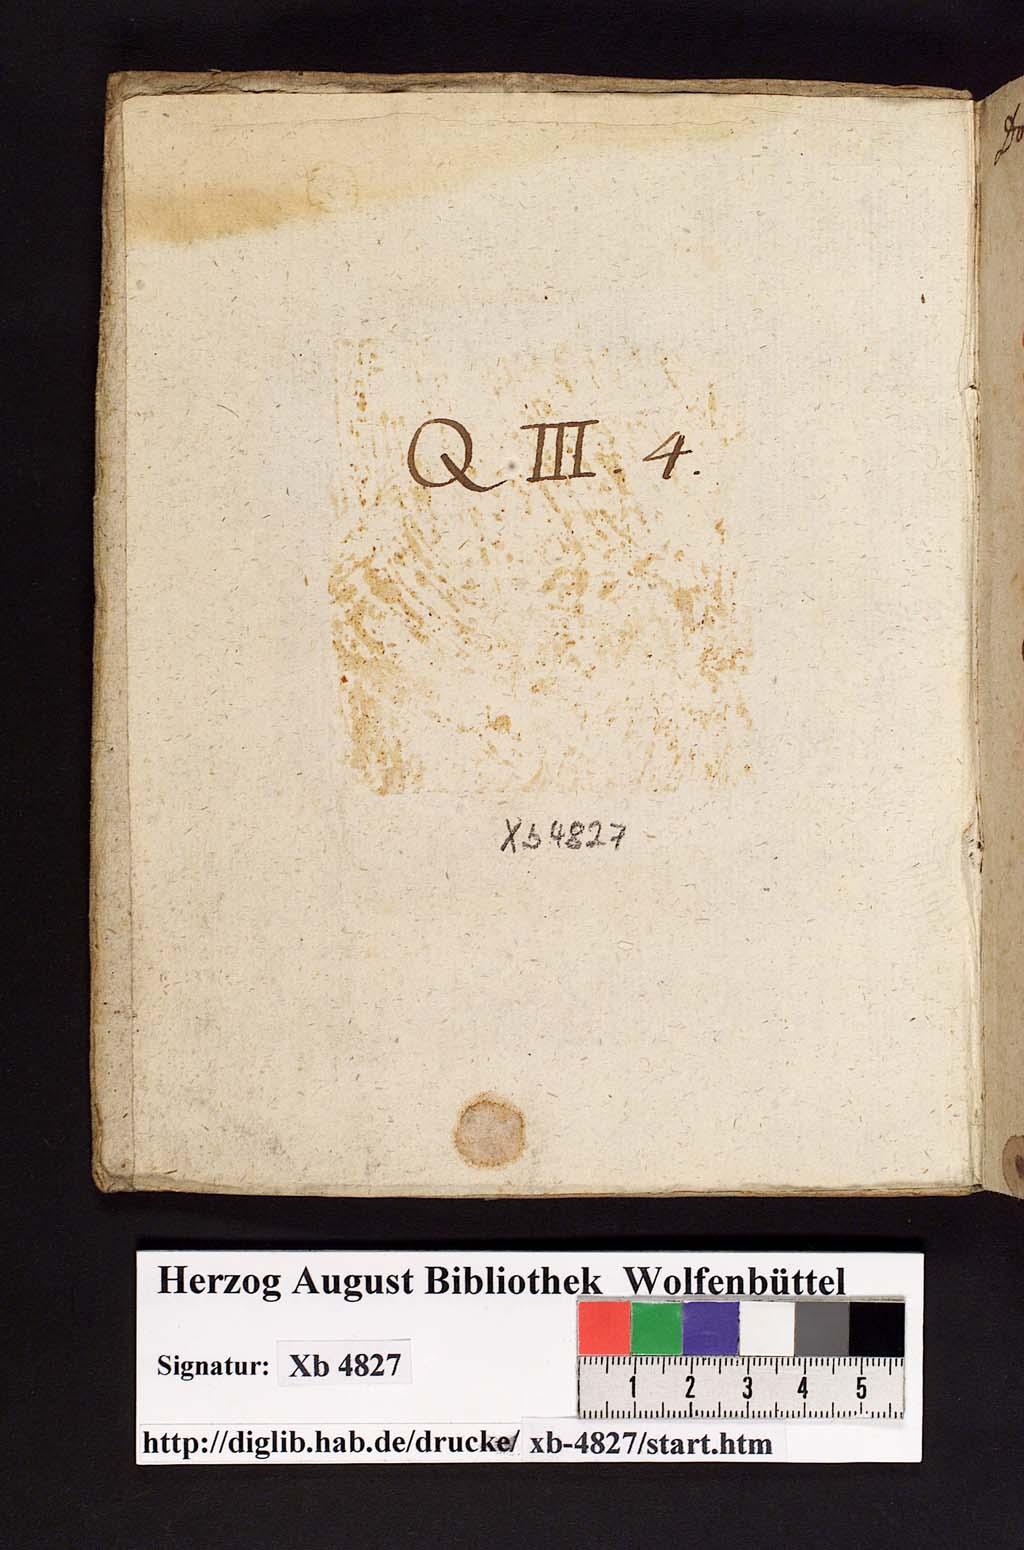 http://diglib.hab.de/drucke/xb-4827/00001.jpg